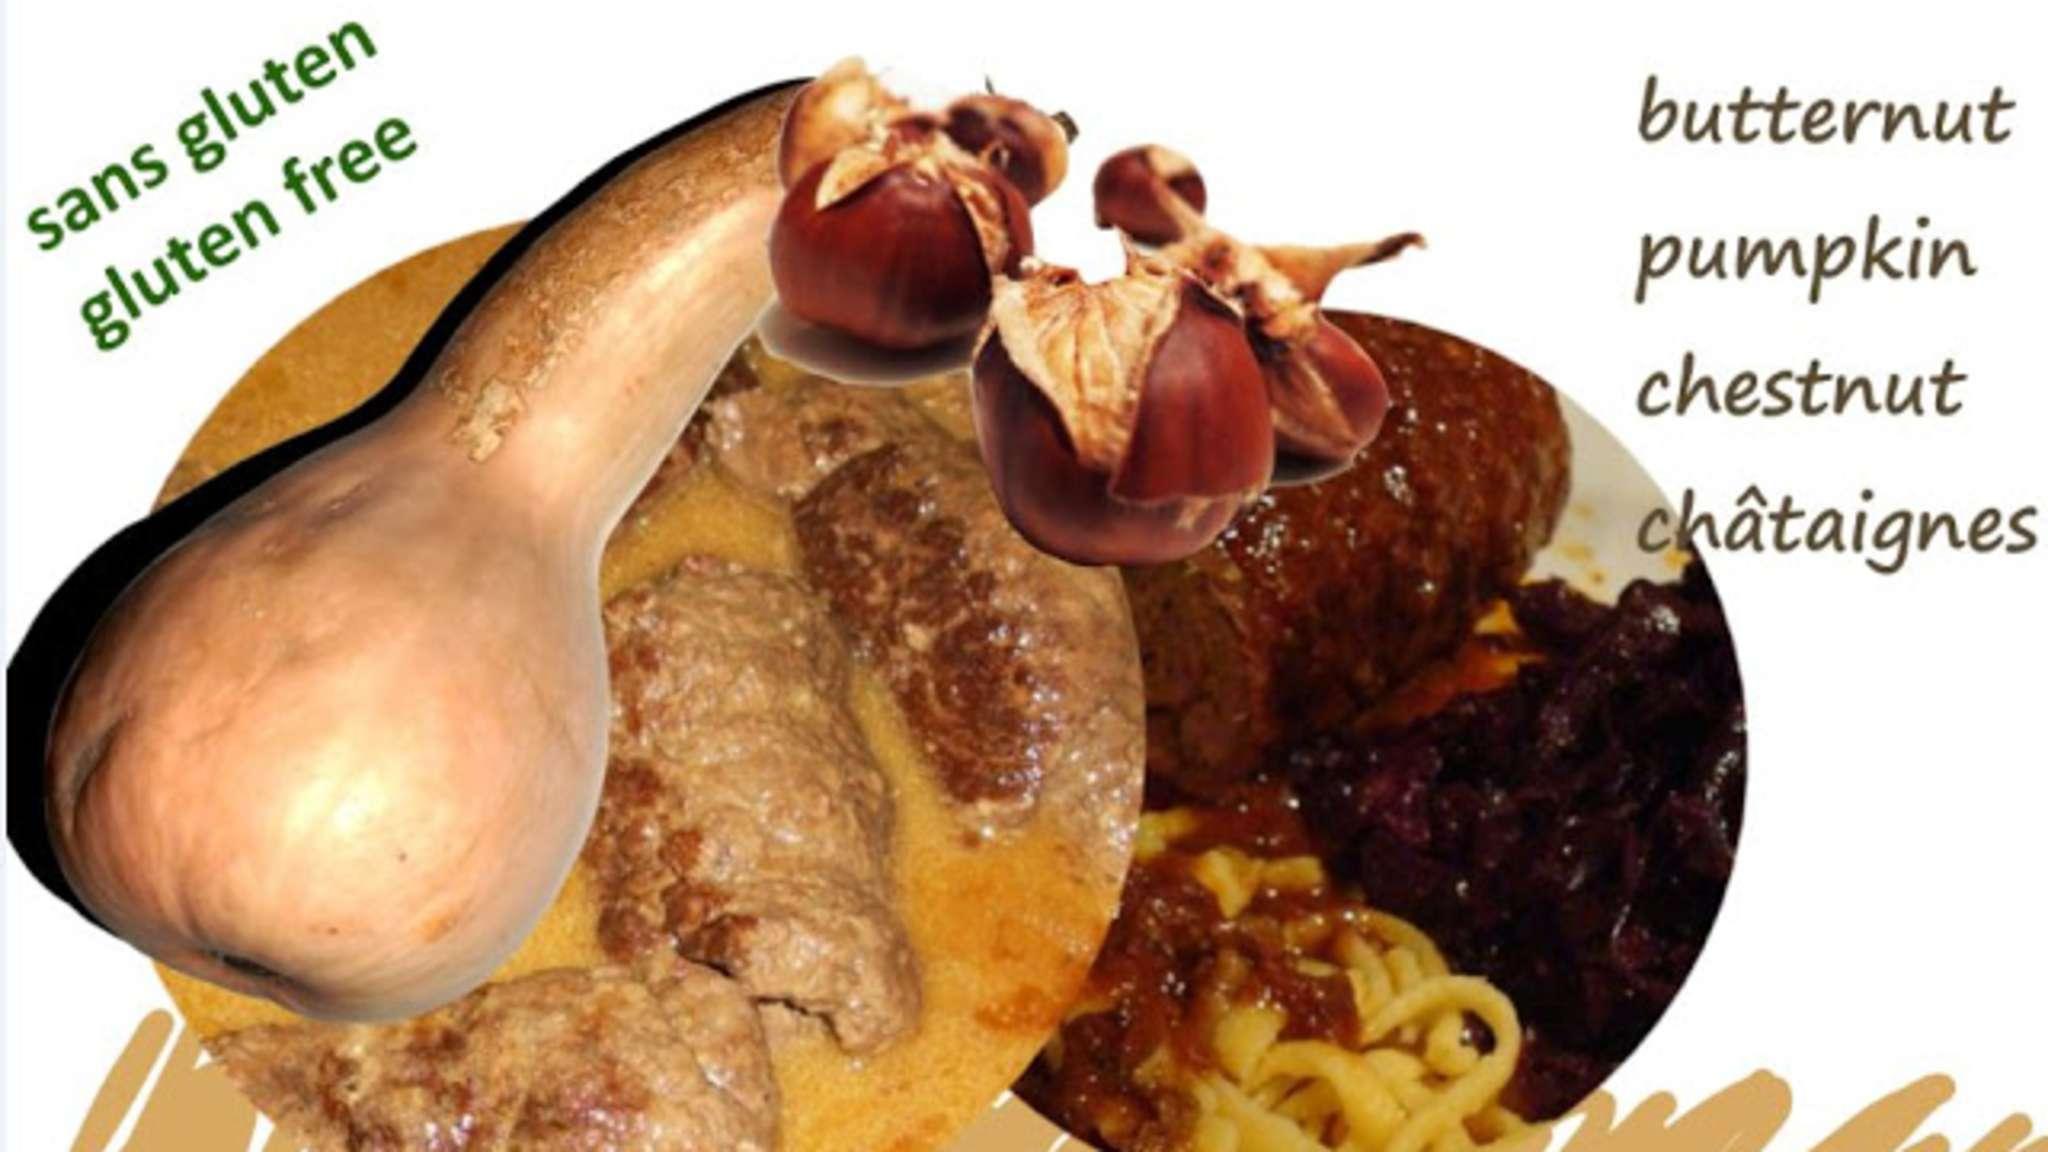 Paupiettes de dinde aux marrons et à la courge butternut